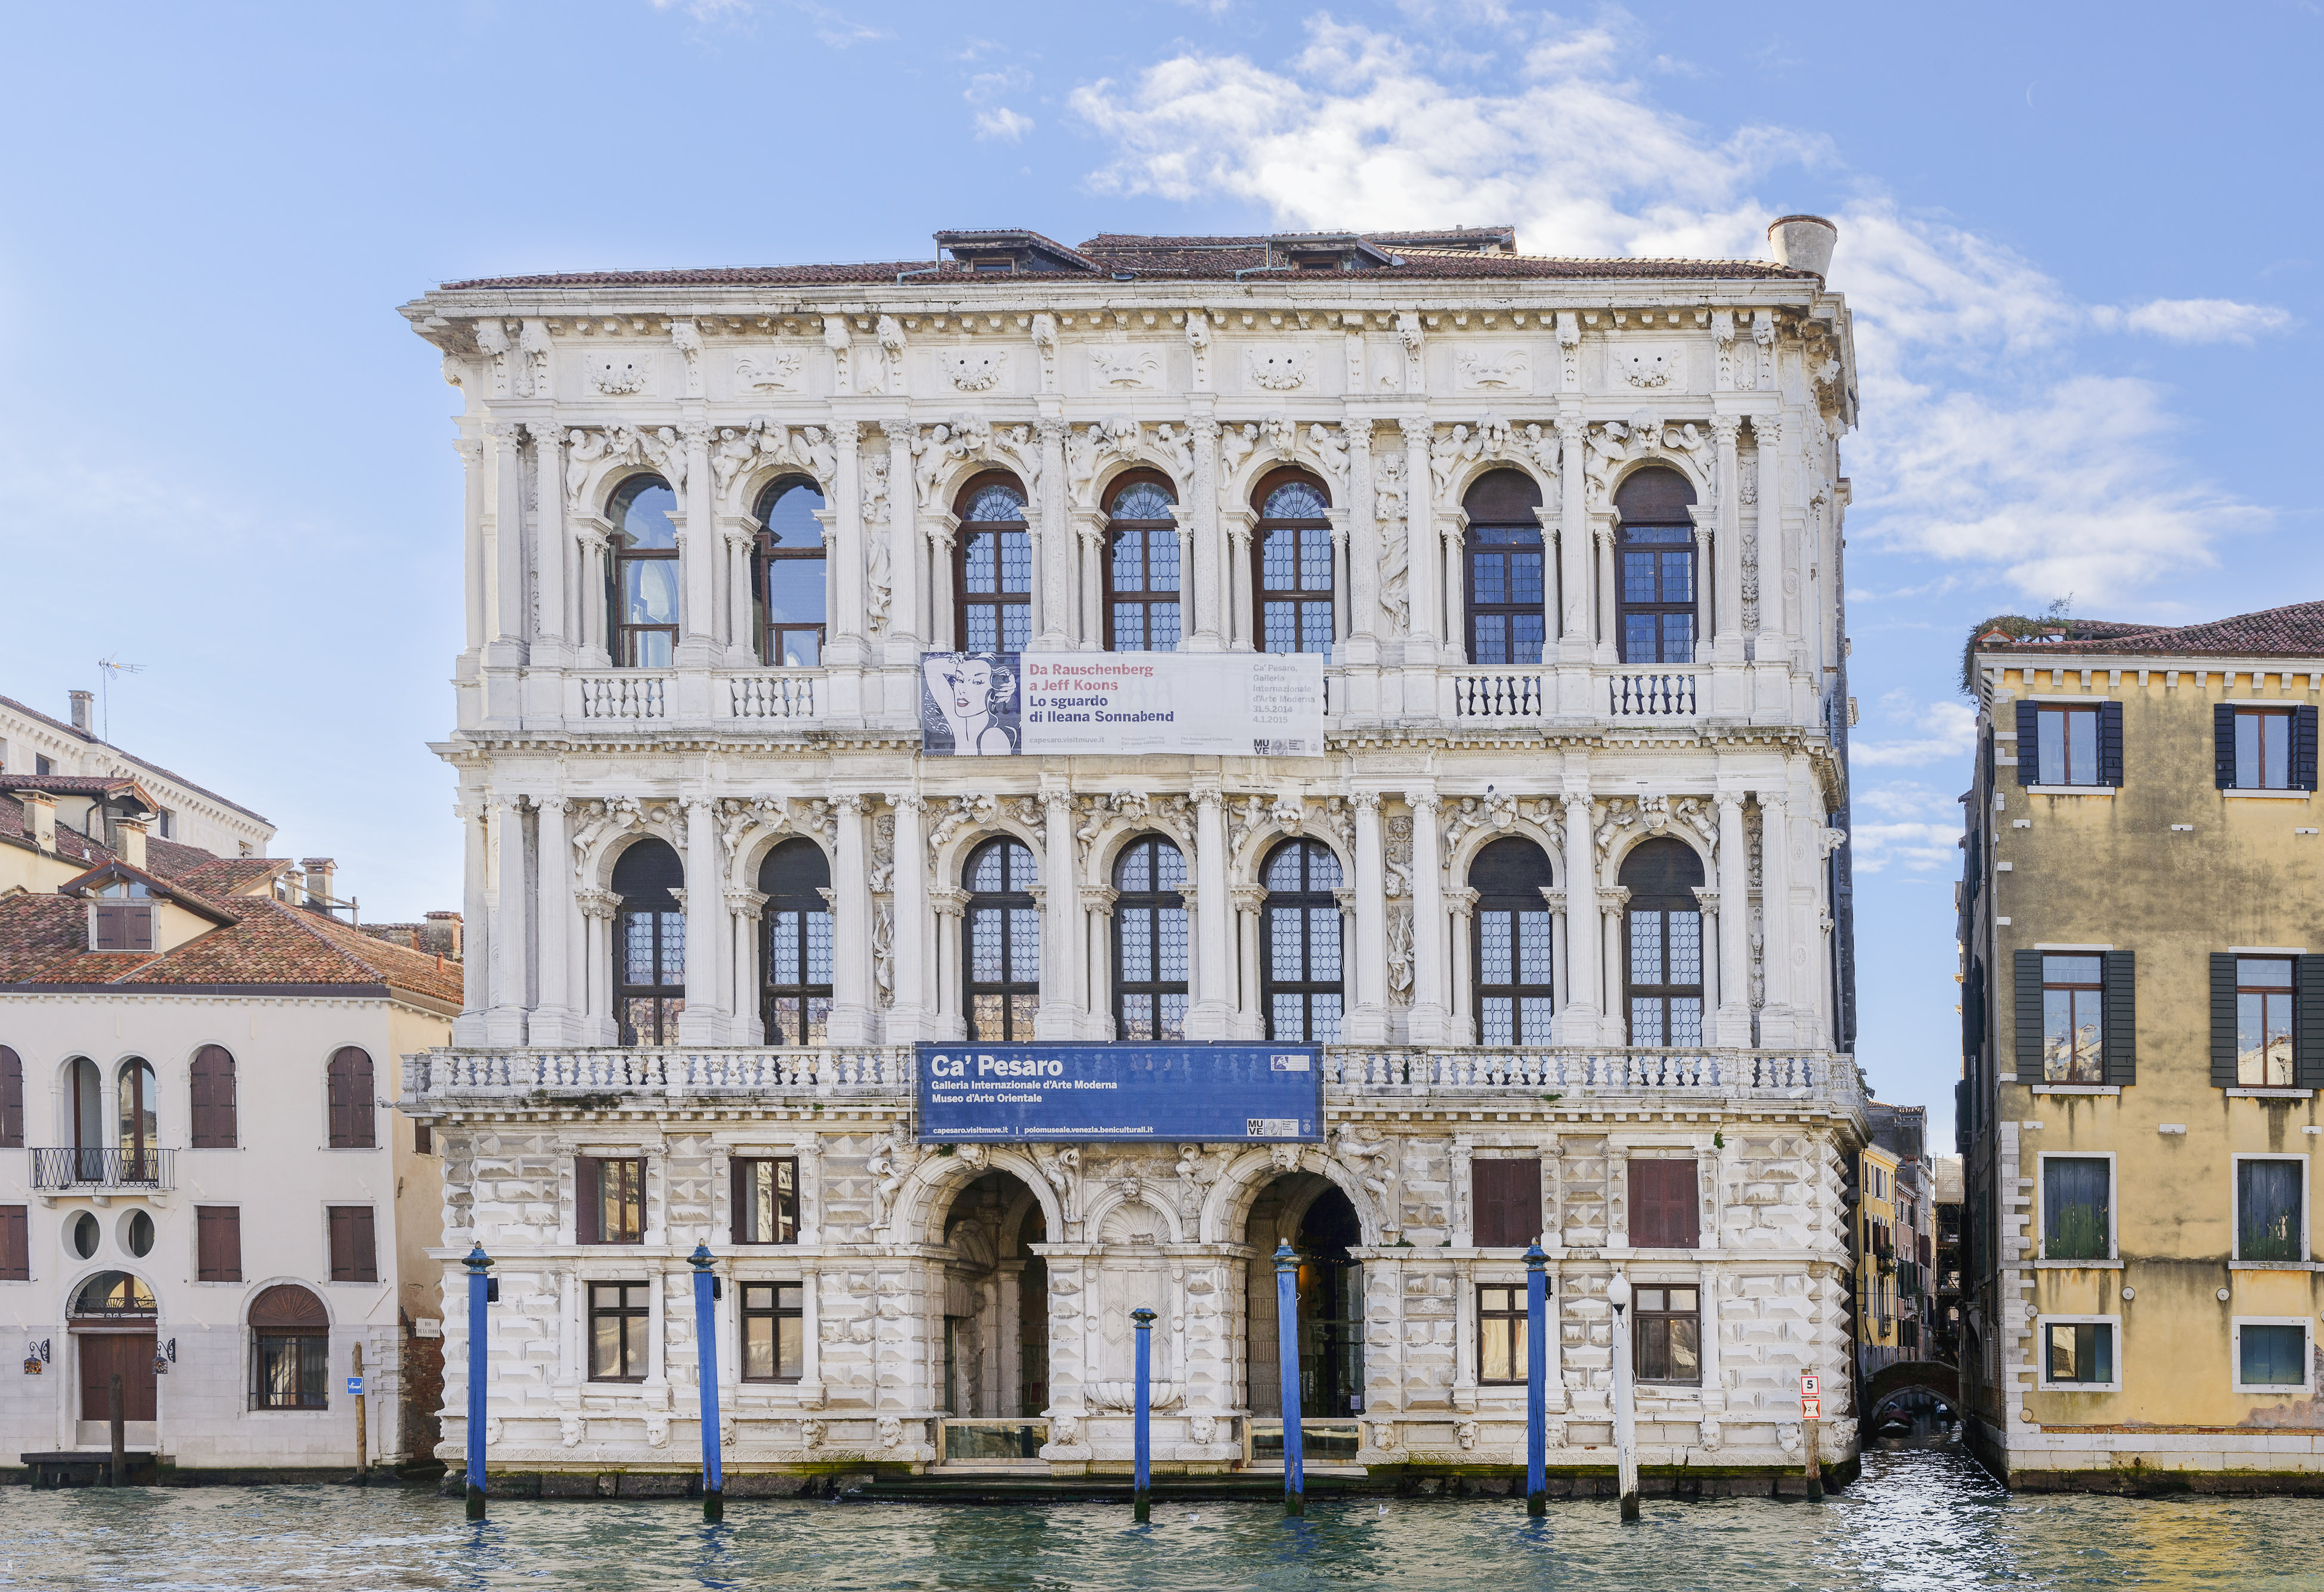 Apertura 1 maggio 2016 fondazione musei civici di venezia for Casa moderna venezia